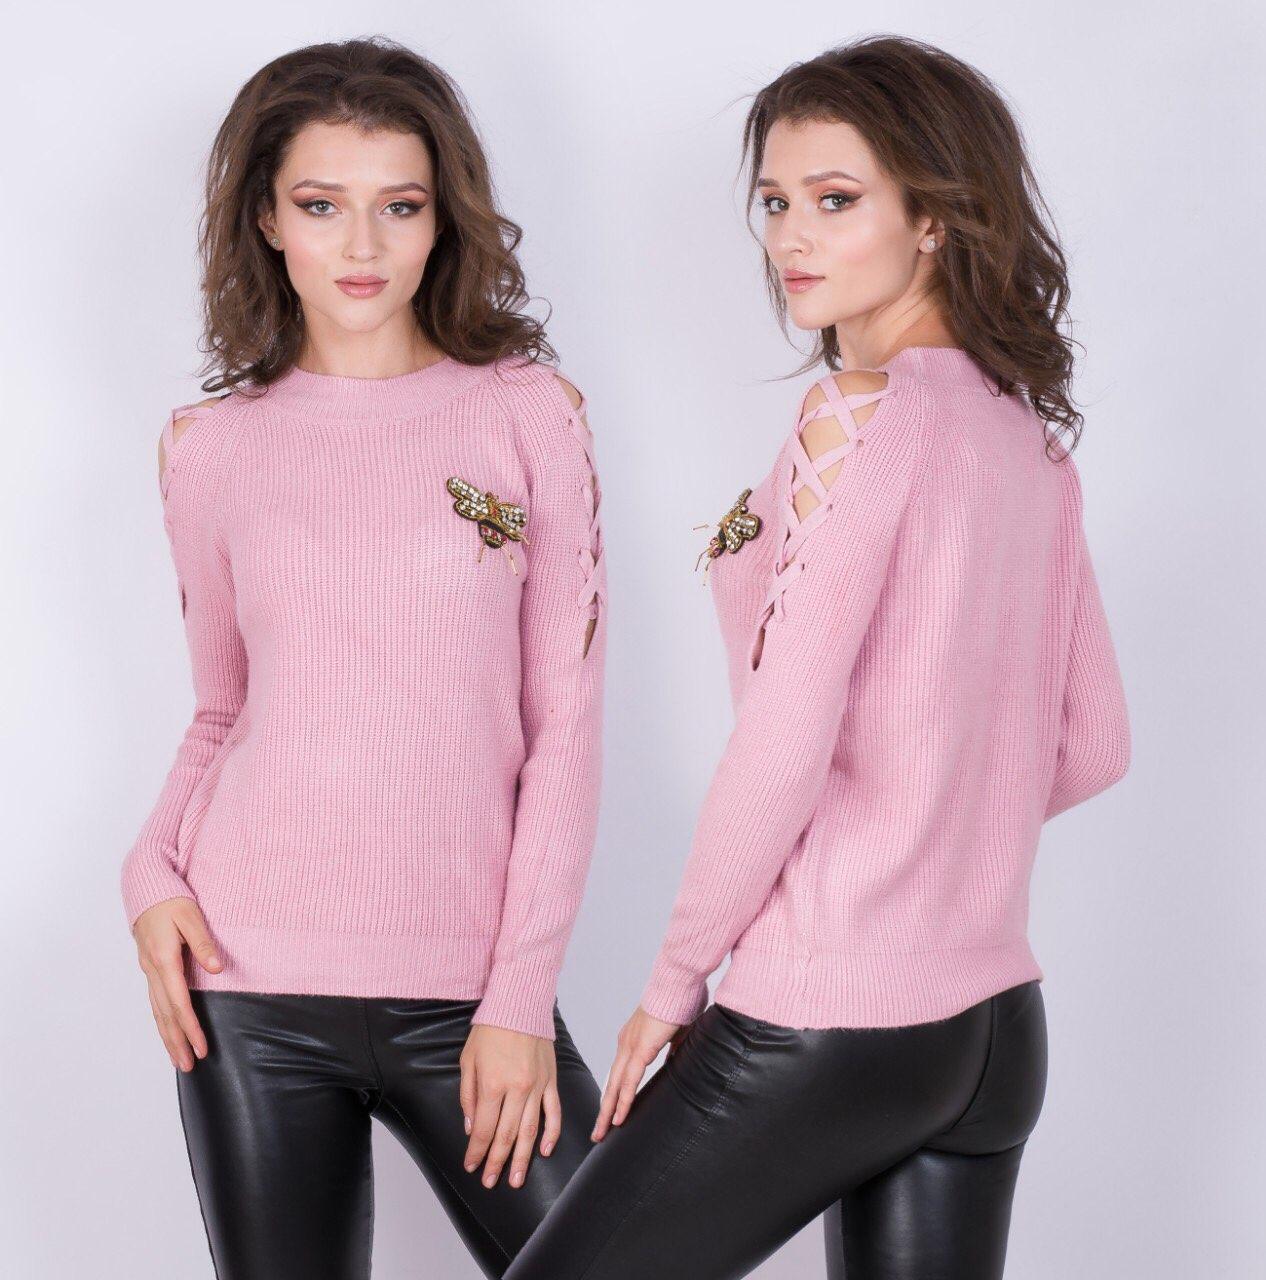 Женский свитер с пчелой 44-46 (в расцветках)